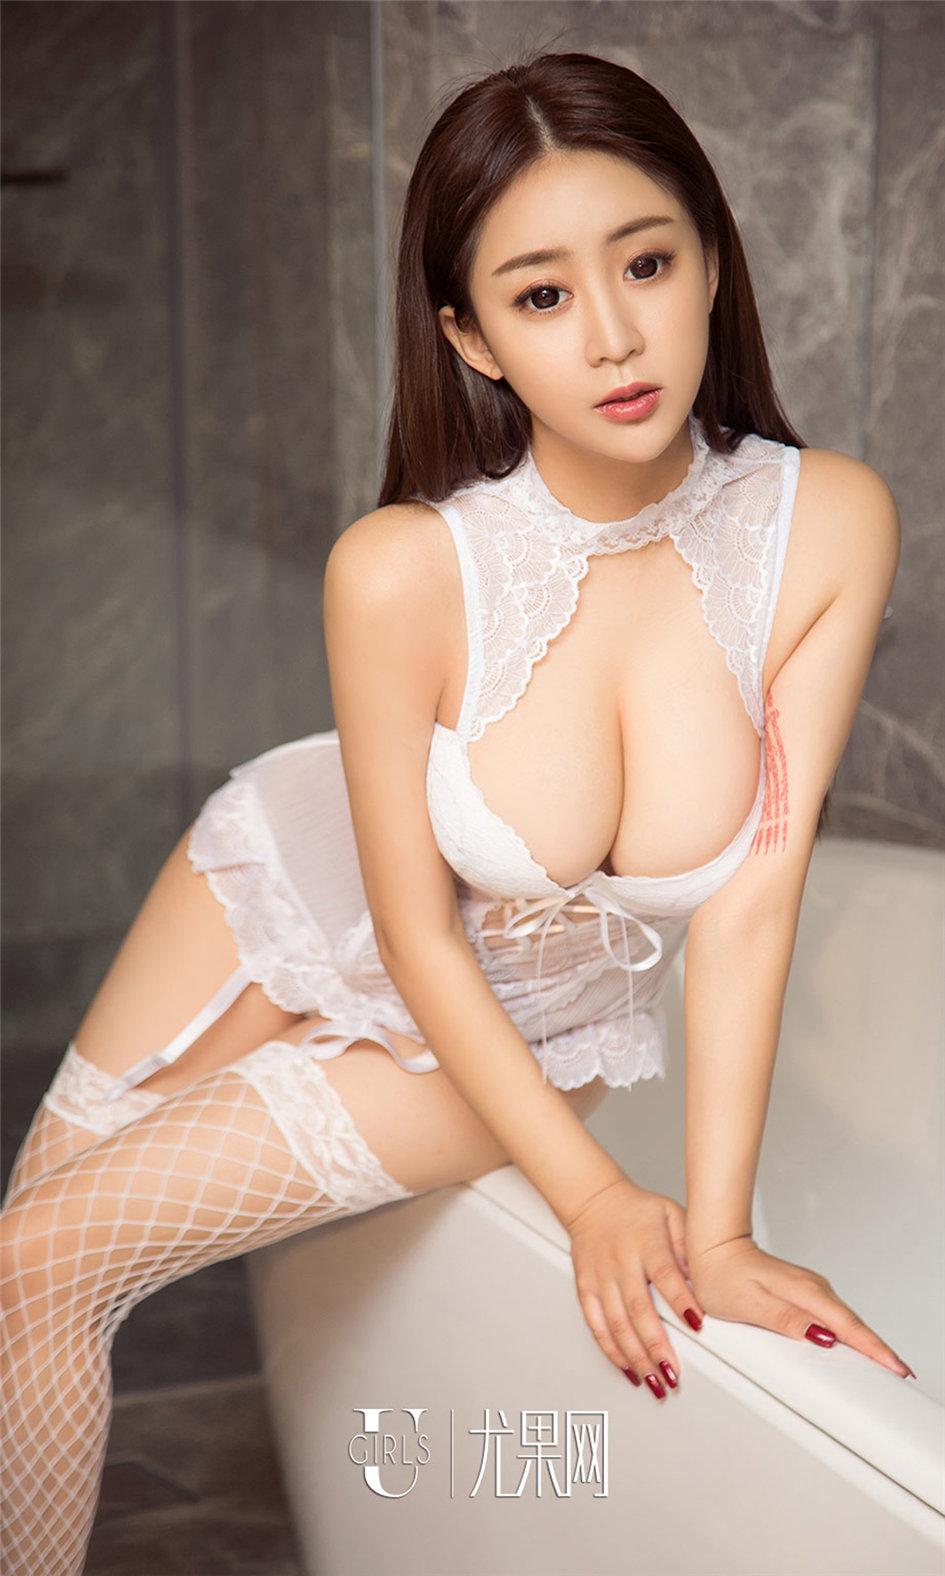 [尤果网] 大胸脯美女叶汐写真图片合集 第944期